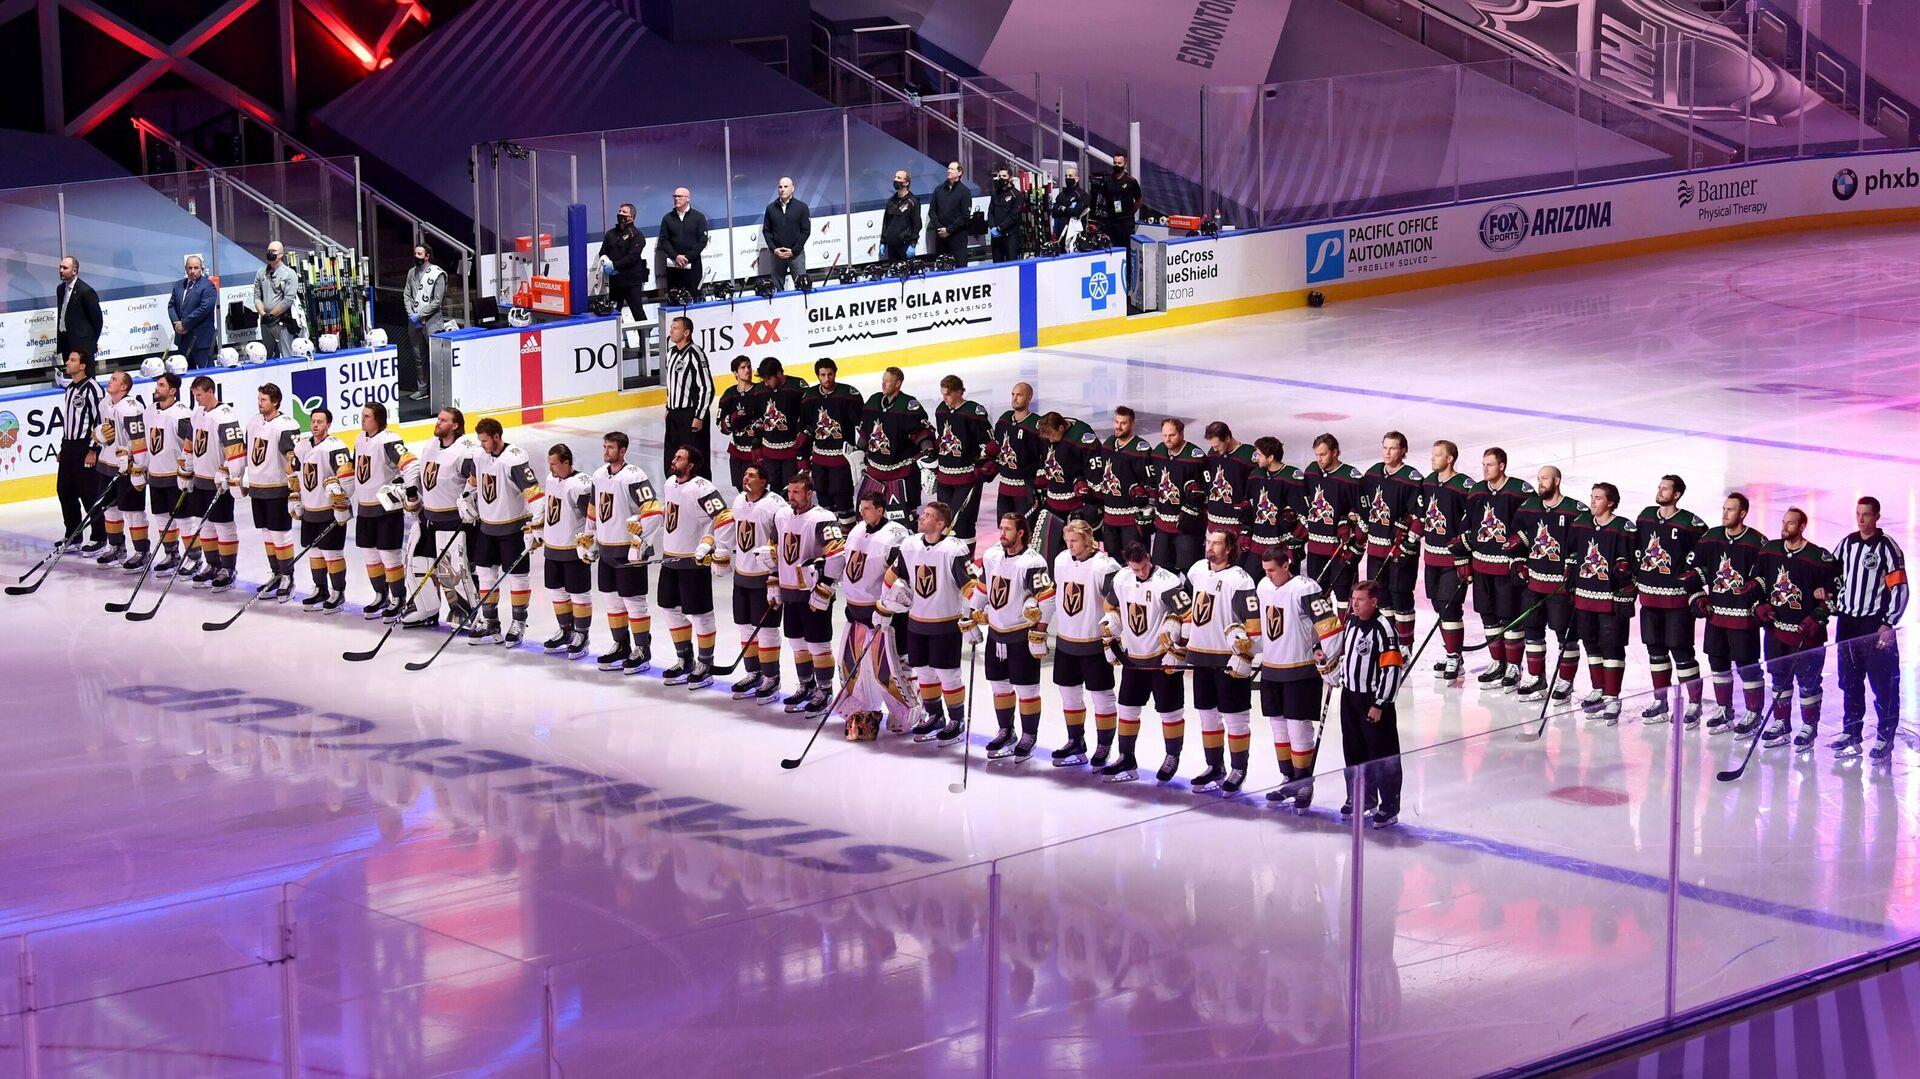 Хоккеисты Вегас Голден Найтс и Аризона Койотис перед выставочным матчем НХЛ - РИА Новости, 1920, 20.09.2020